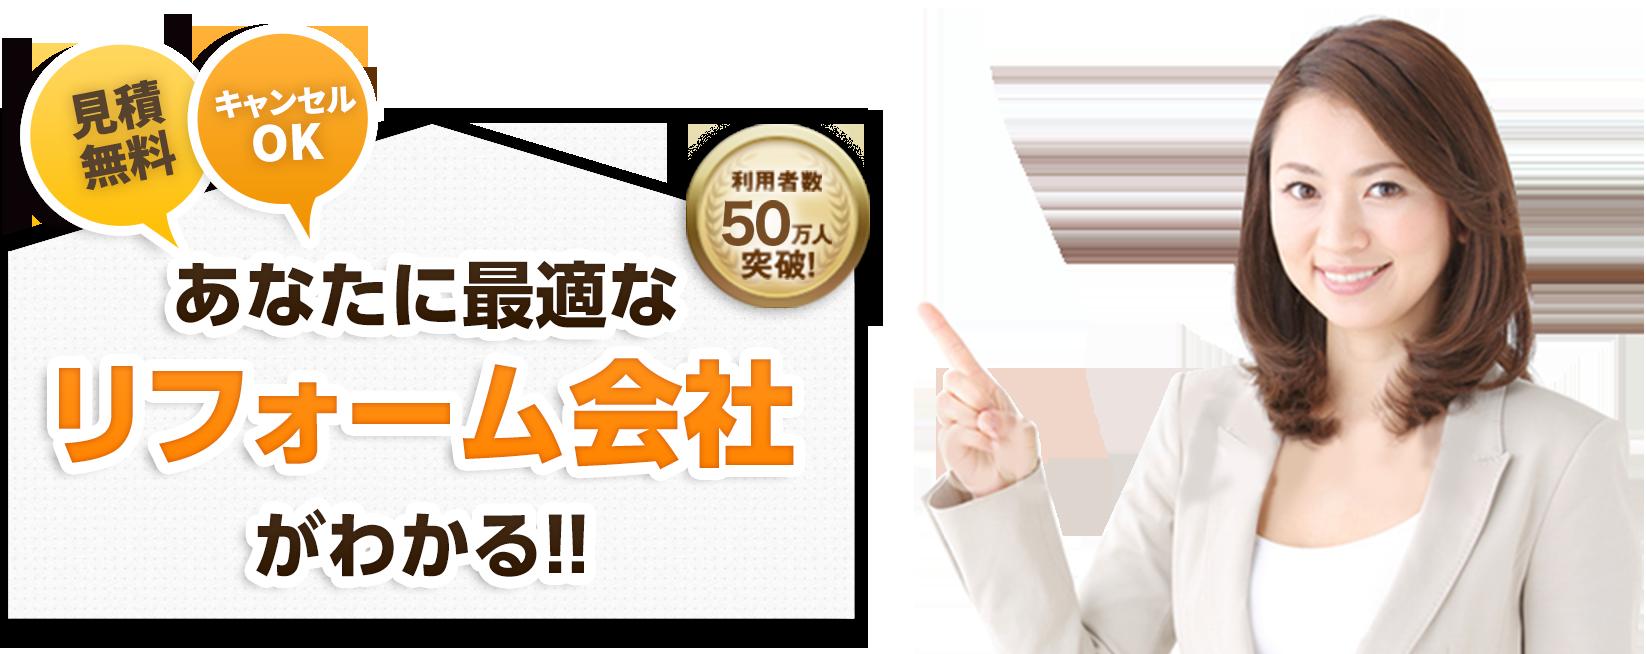 見積無料 キャンセルOK あなたに最適なリフォーム会社がわかる!! 利用者数35万人突破!